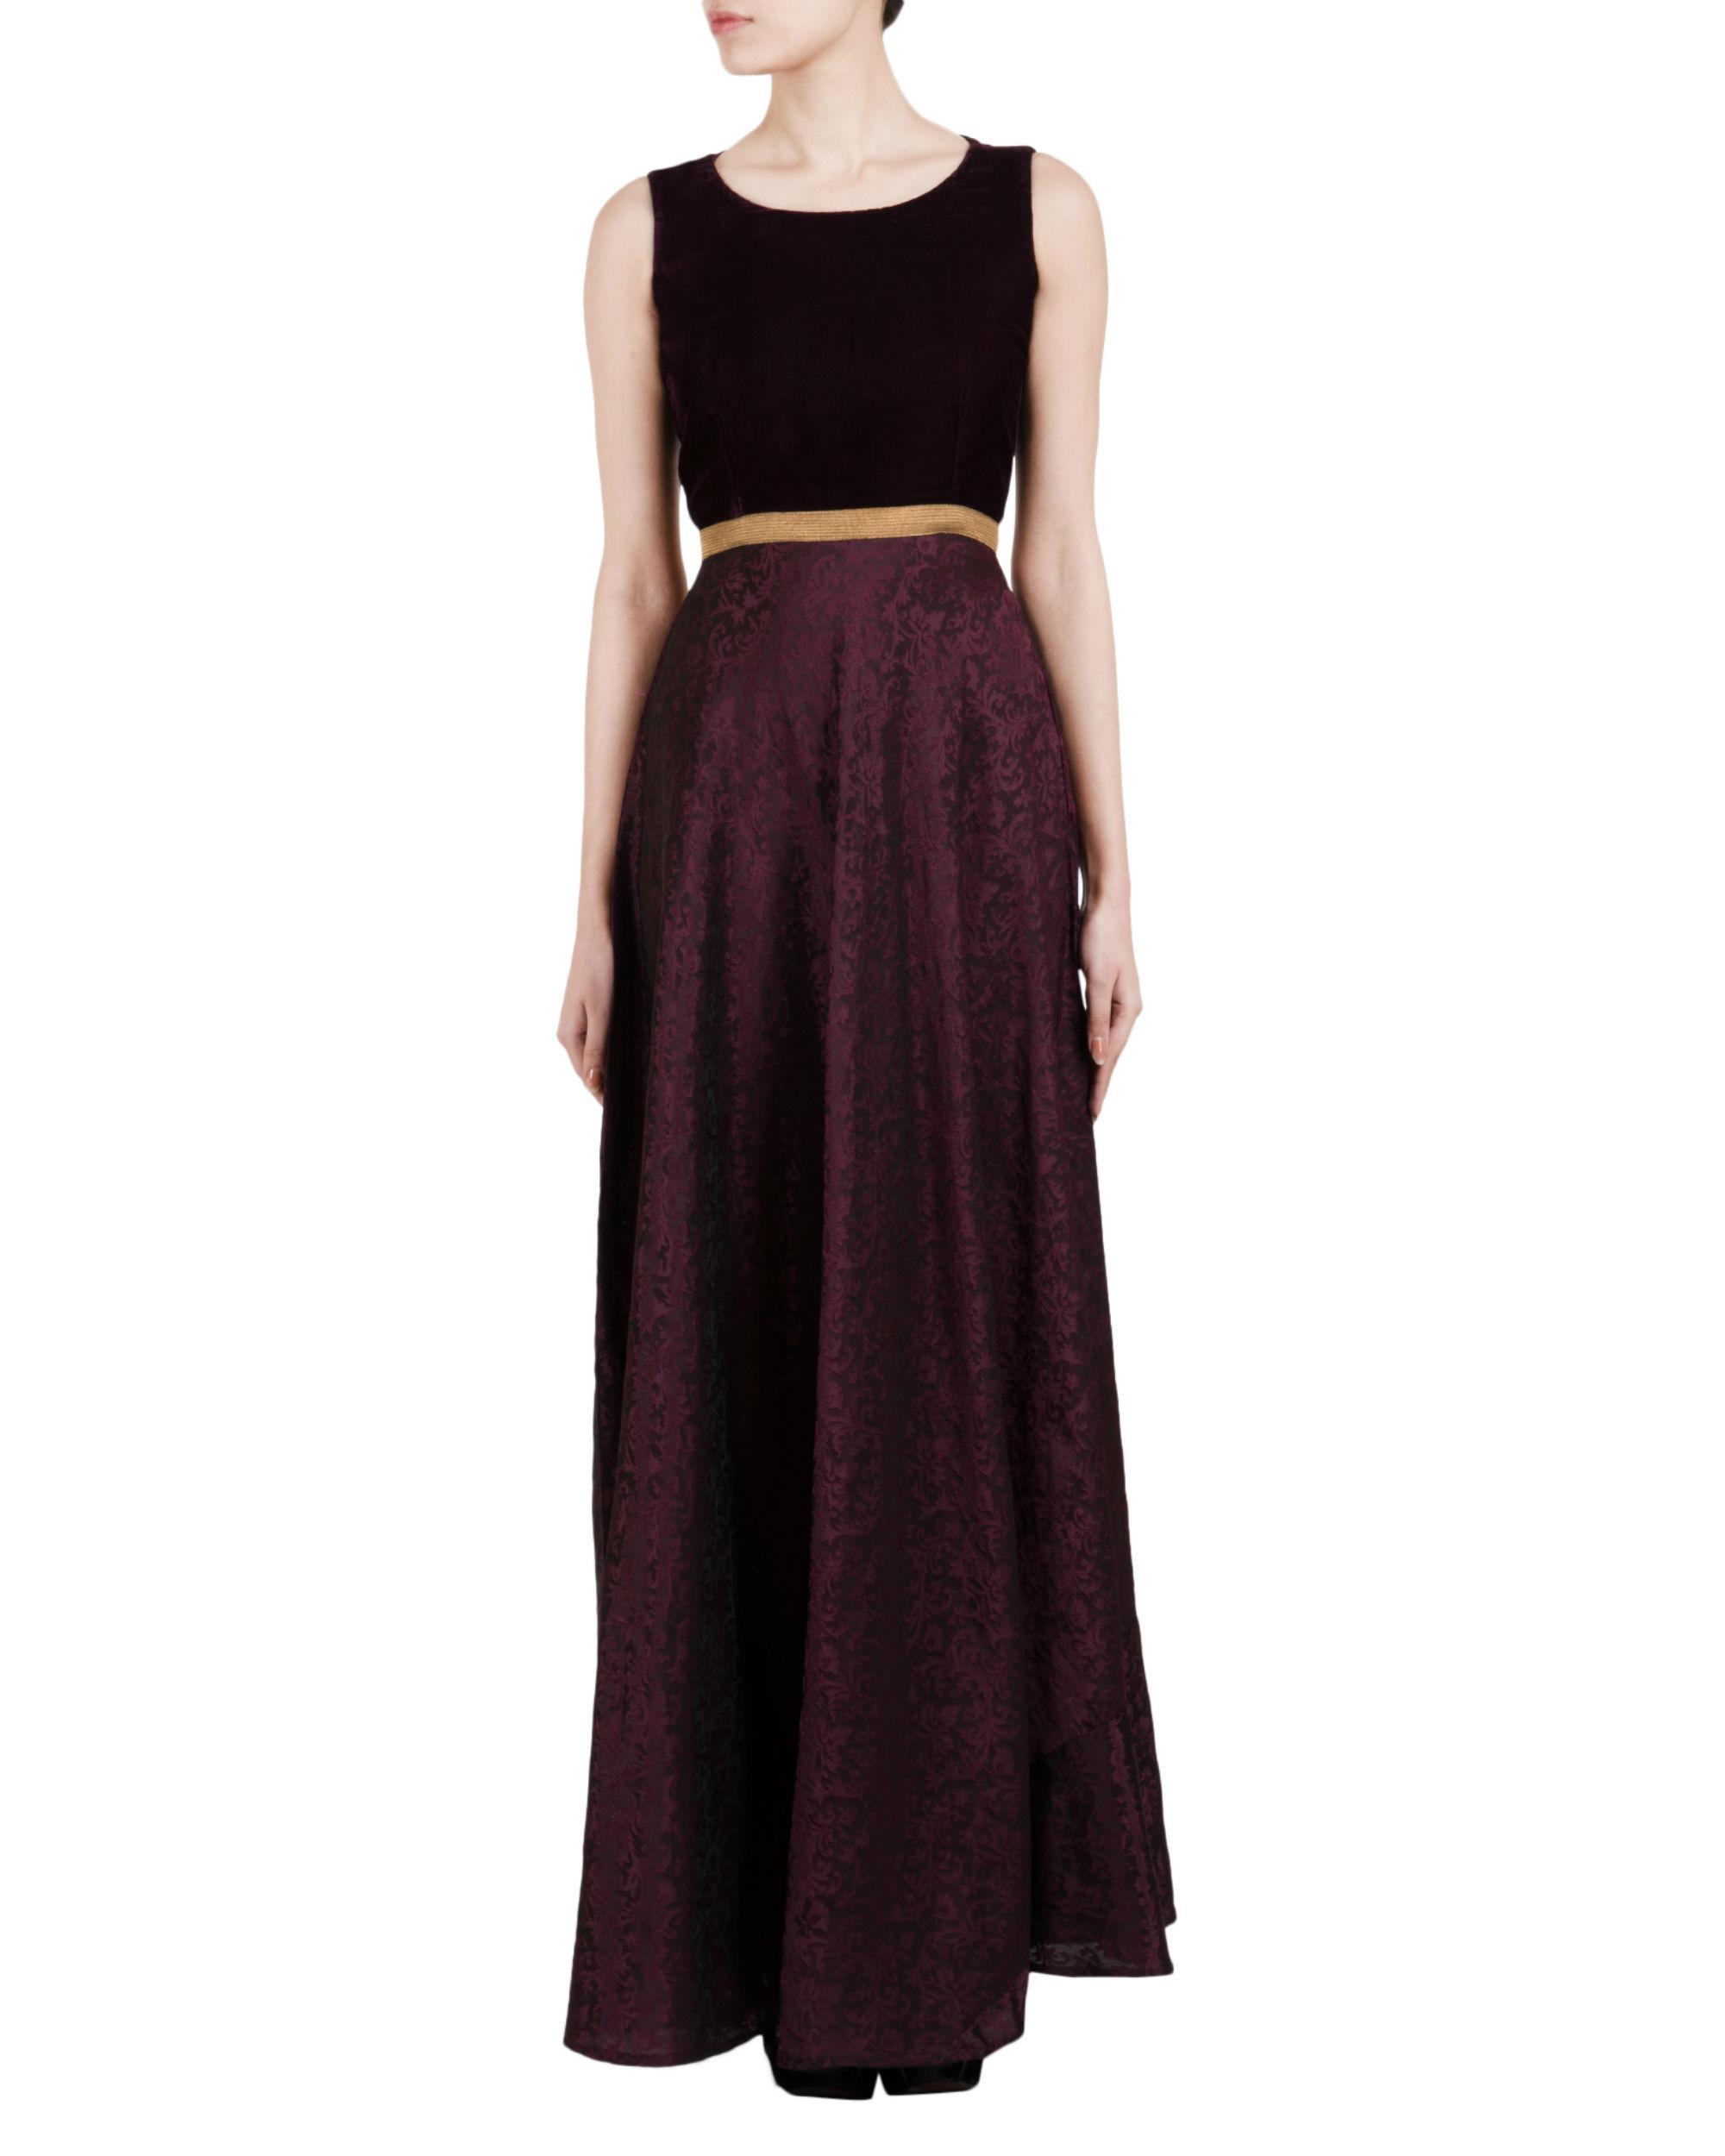 Wine self print dress